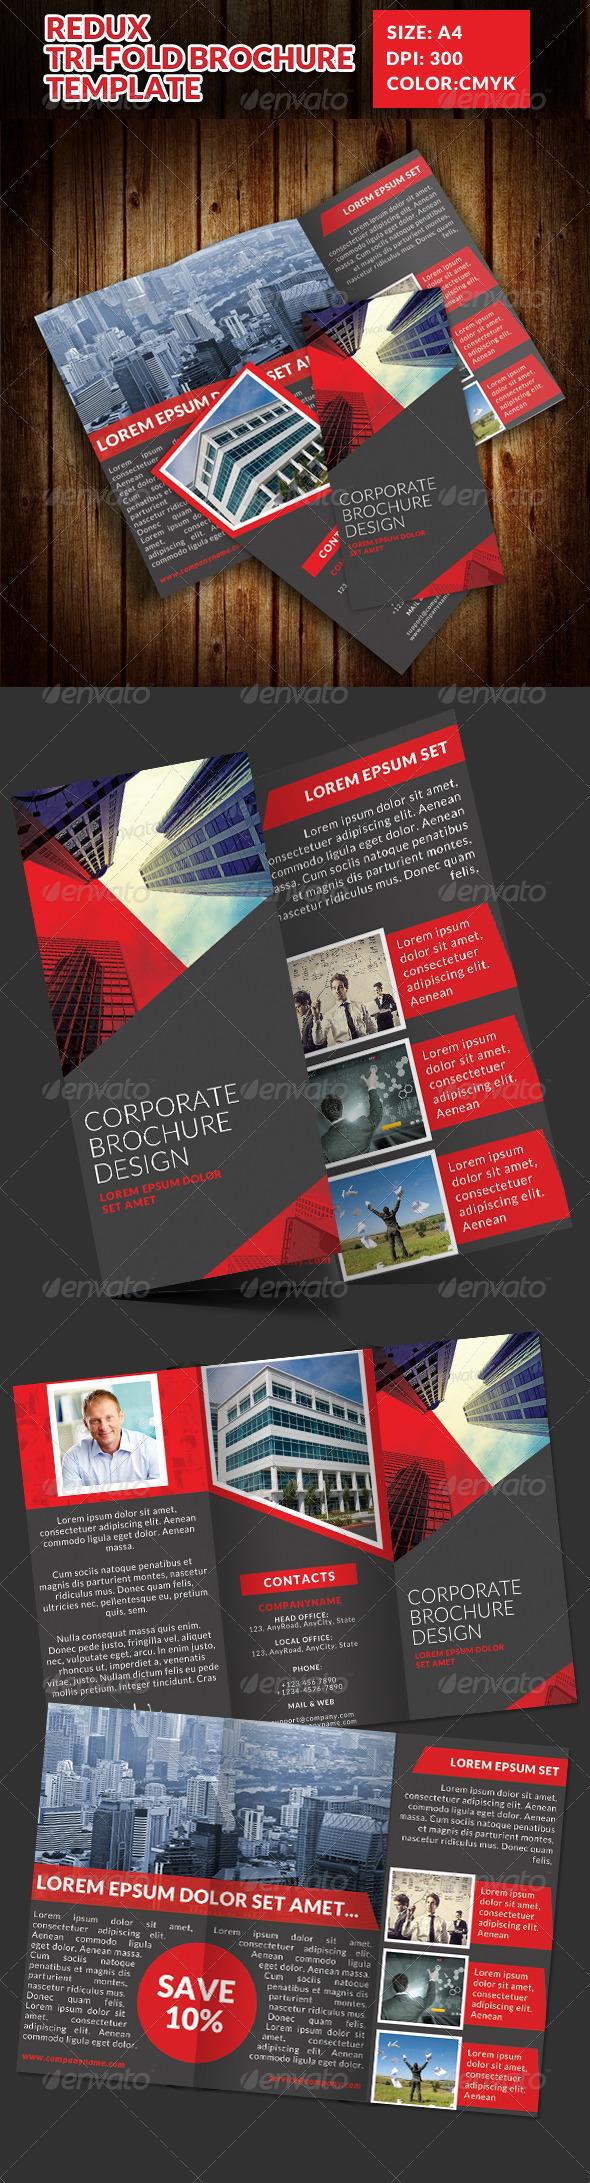 GraphicRiver Redux Corporate Tri-Fold Brochure Template 7516542